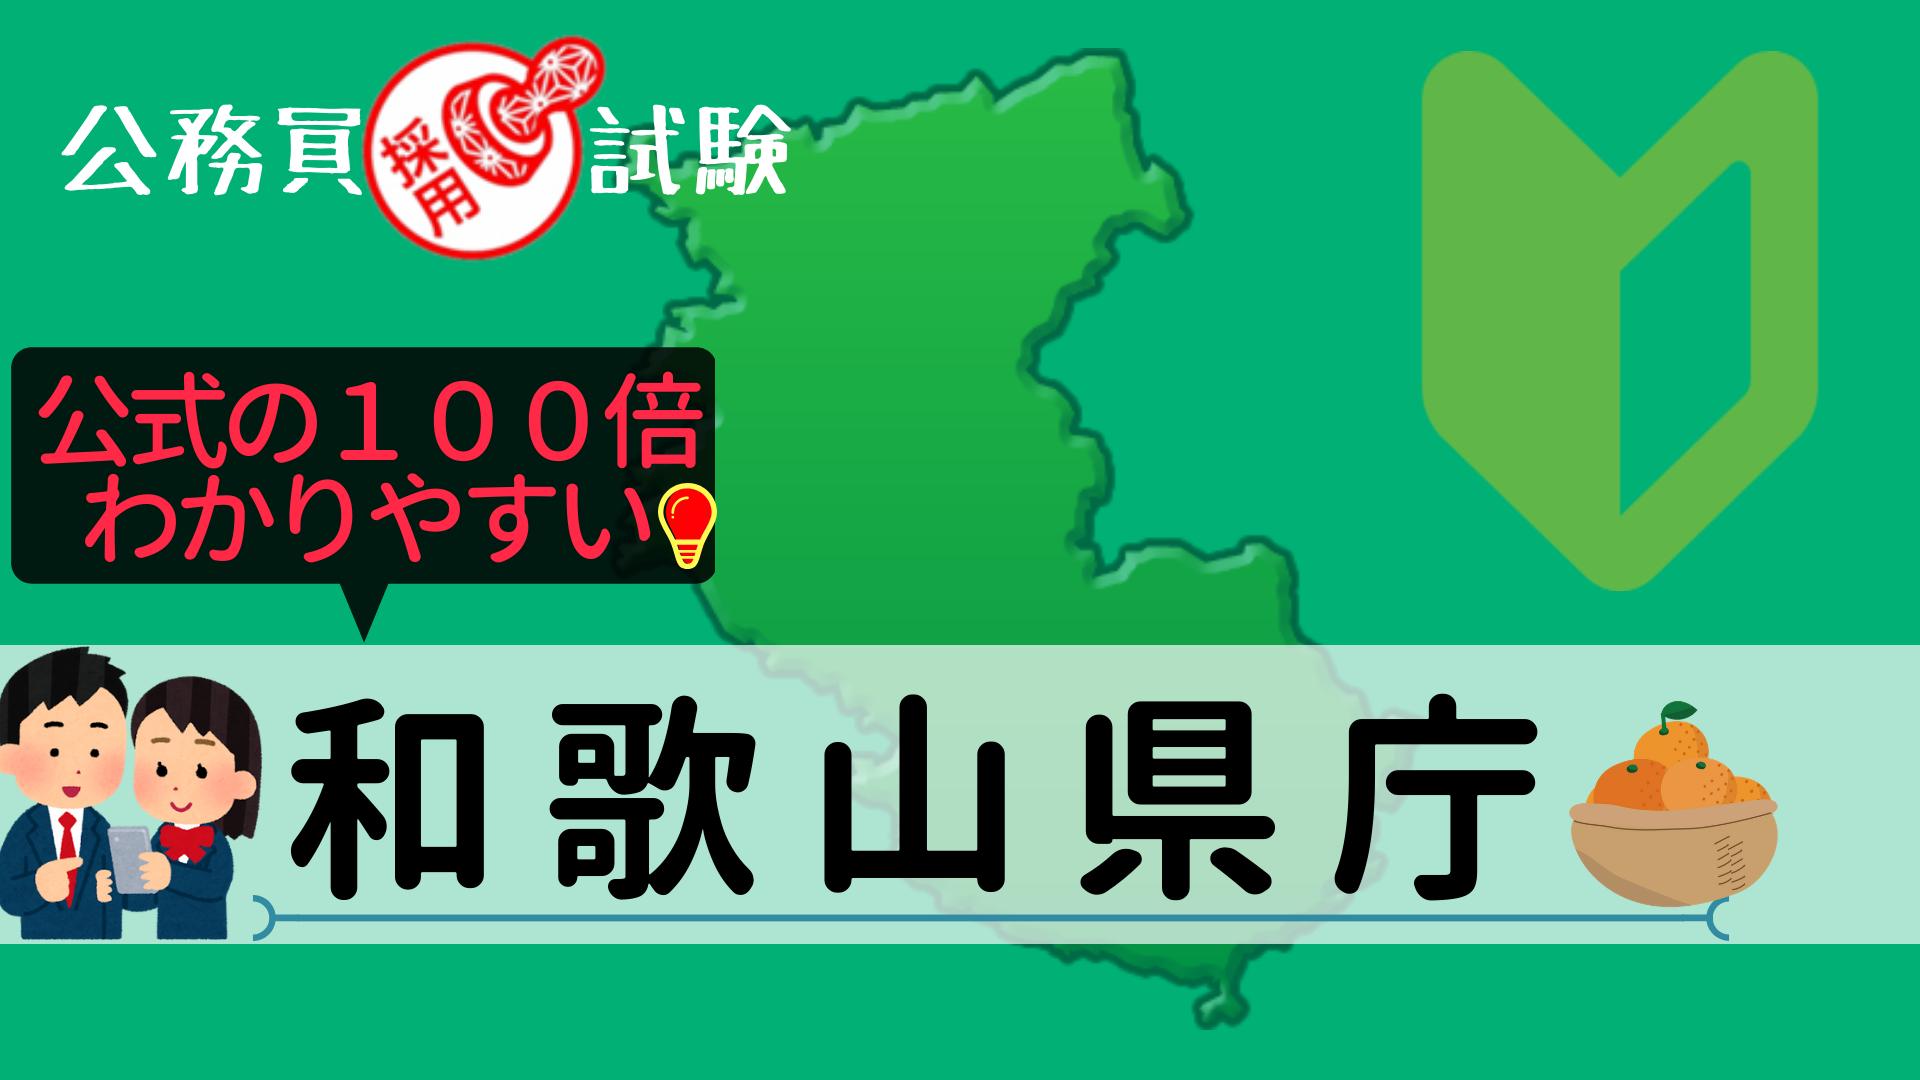 和歌山県庁の公務員採用試験について